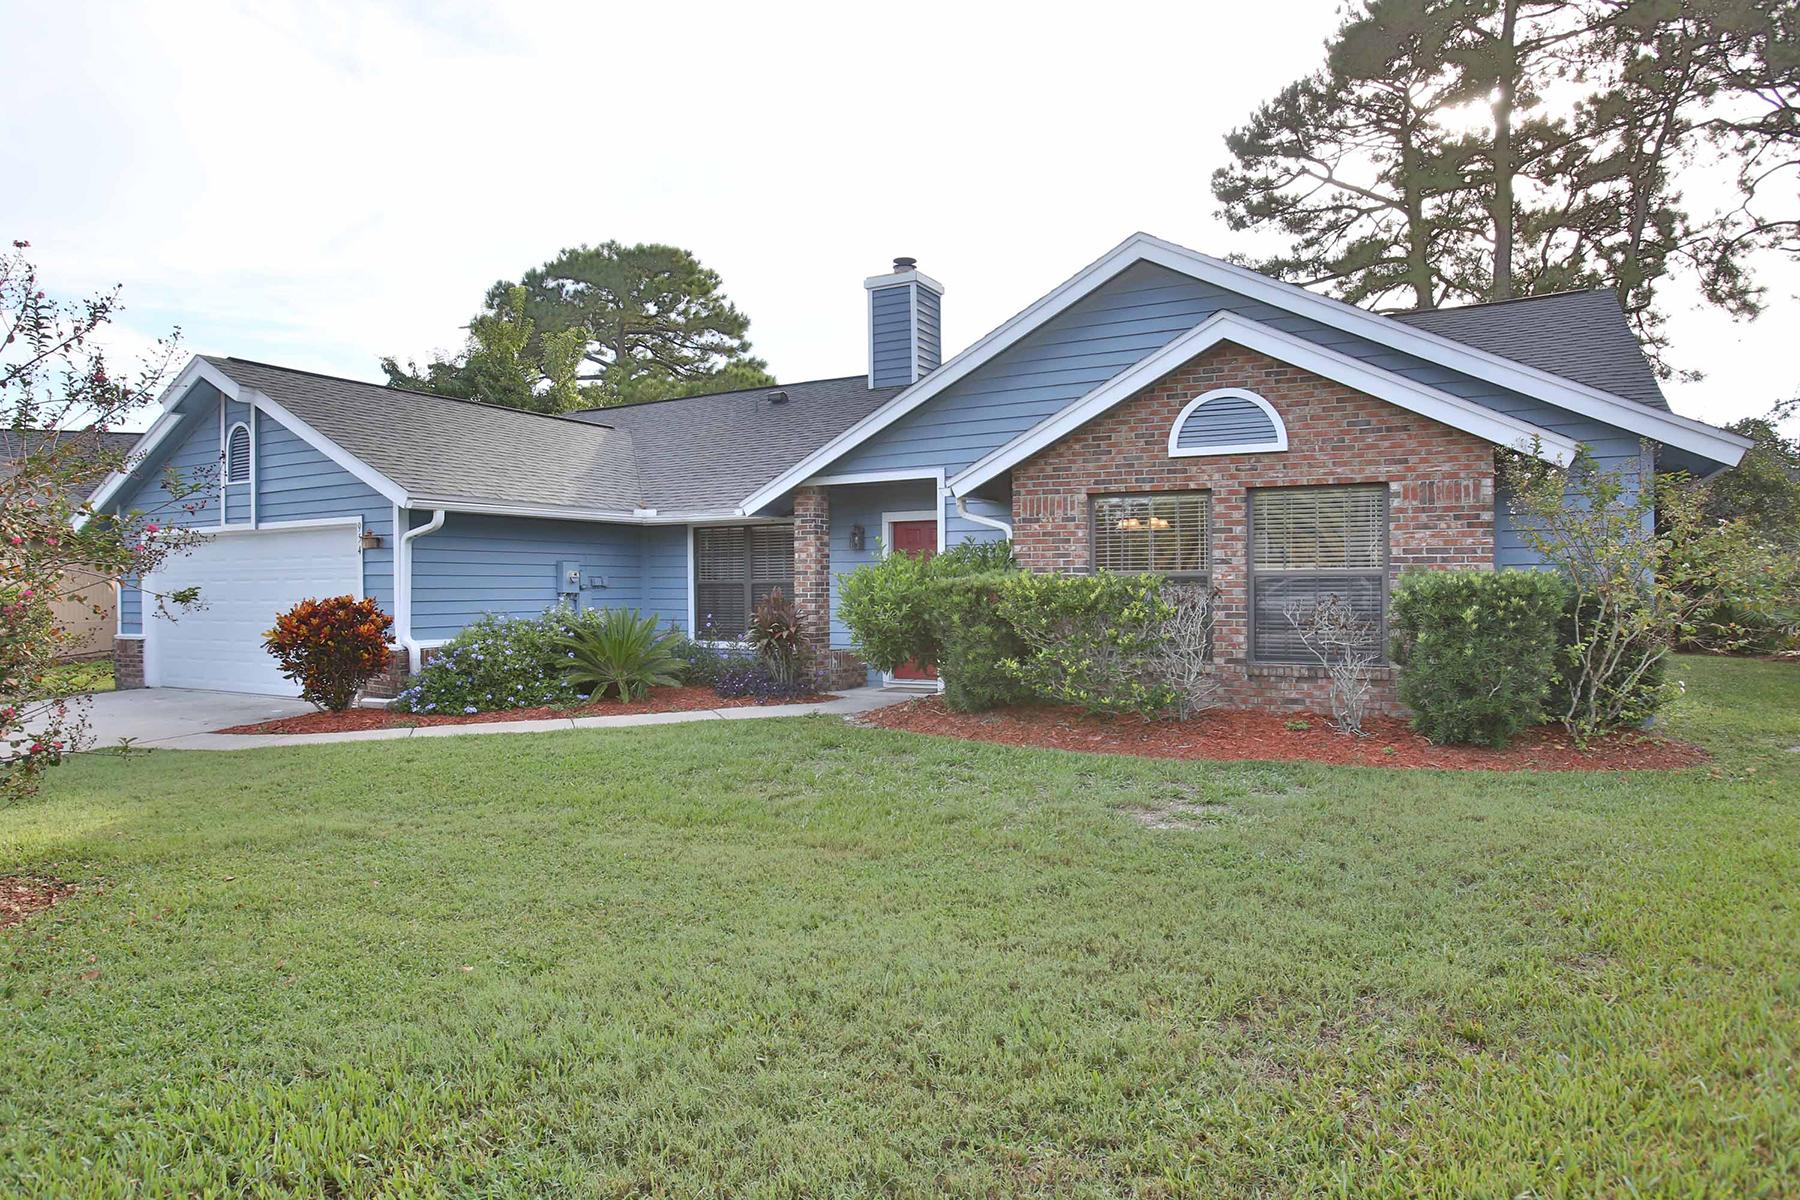 Tek Ailelik Ev için Satış at SPRUCE CREEK AND THE BEACHES 954 Greenmont Ct Port Orange, Florida, 32127 Amerika Birleşik Devletleri